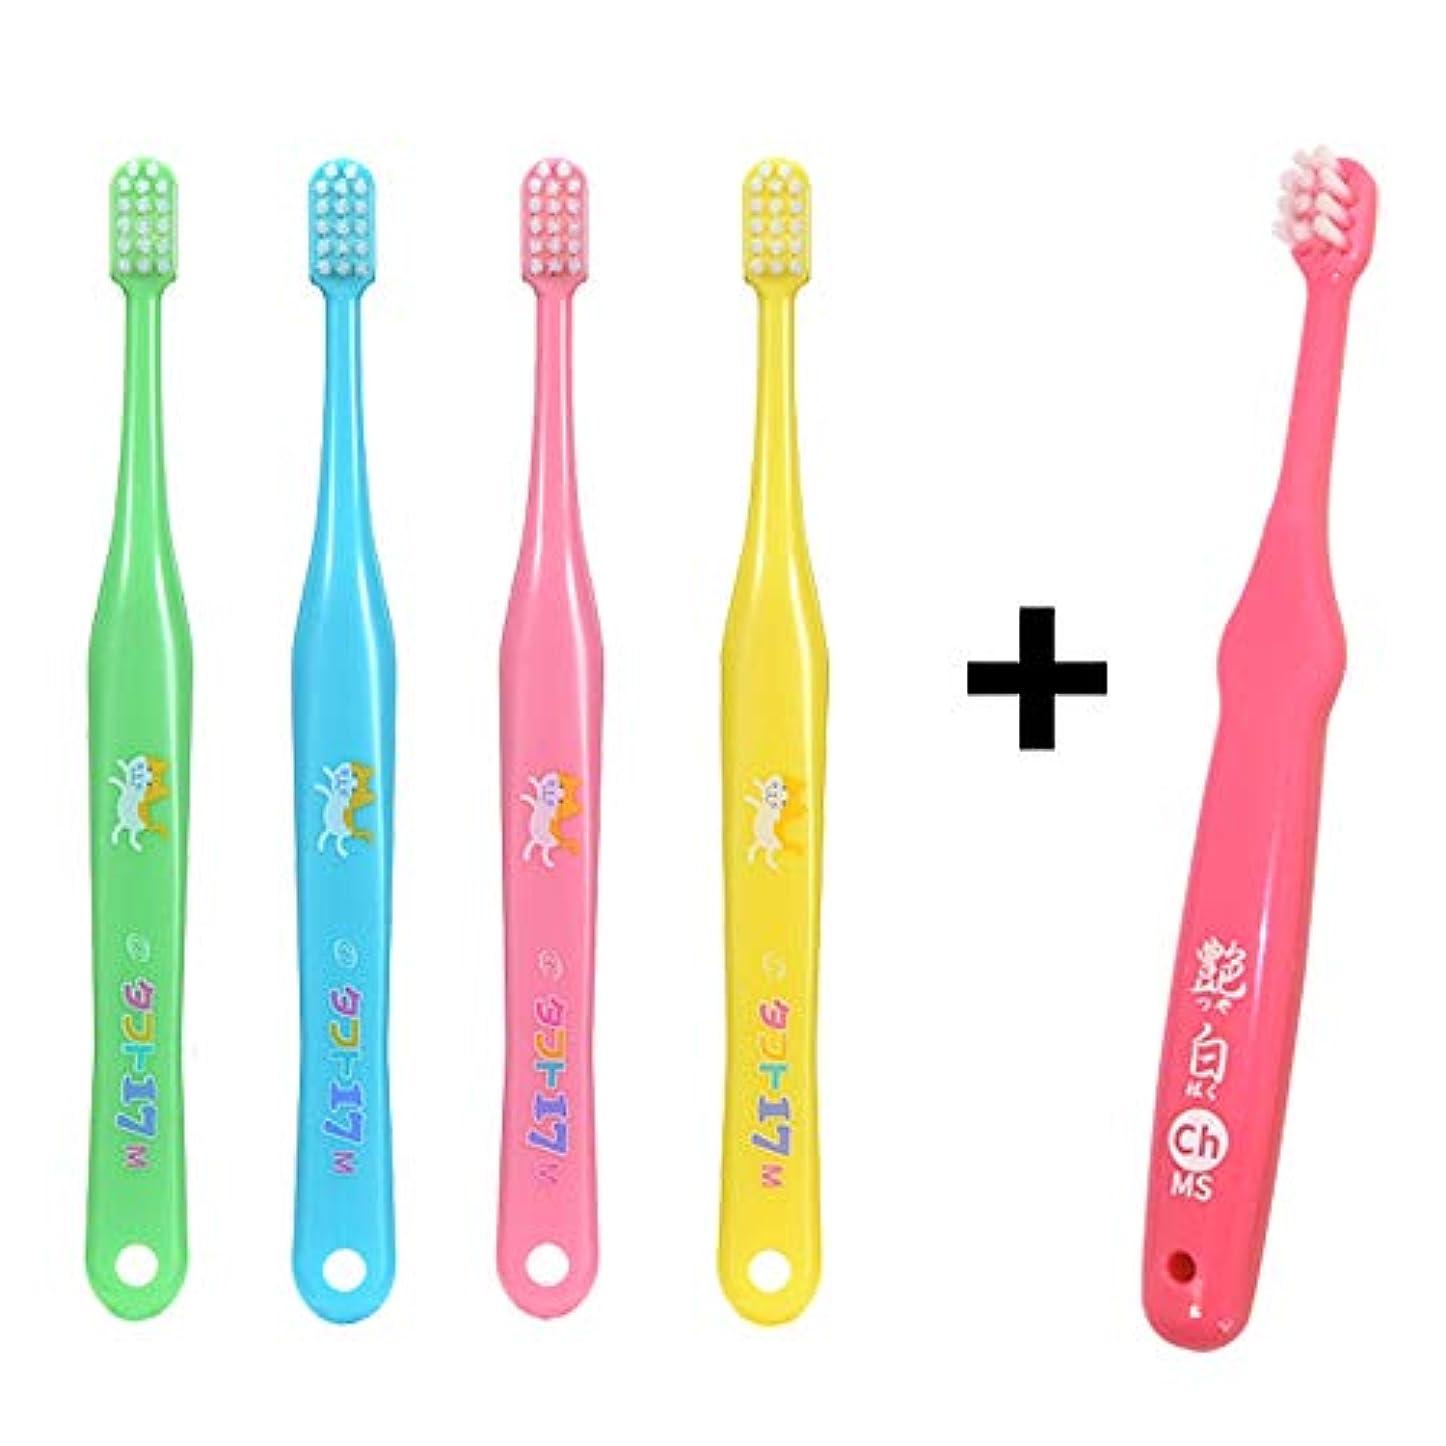 ワーディアンケース堂々たる式タフト17 M 歯ブラシ×10本 + 艶白(つやはく) Ch チャイルド ハブラシ×1本 MS(やややわらかめ) 日本製 歯科専売品